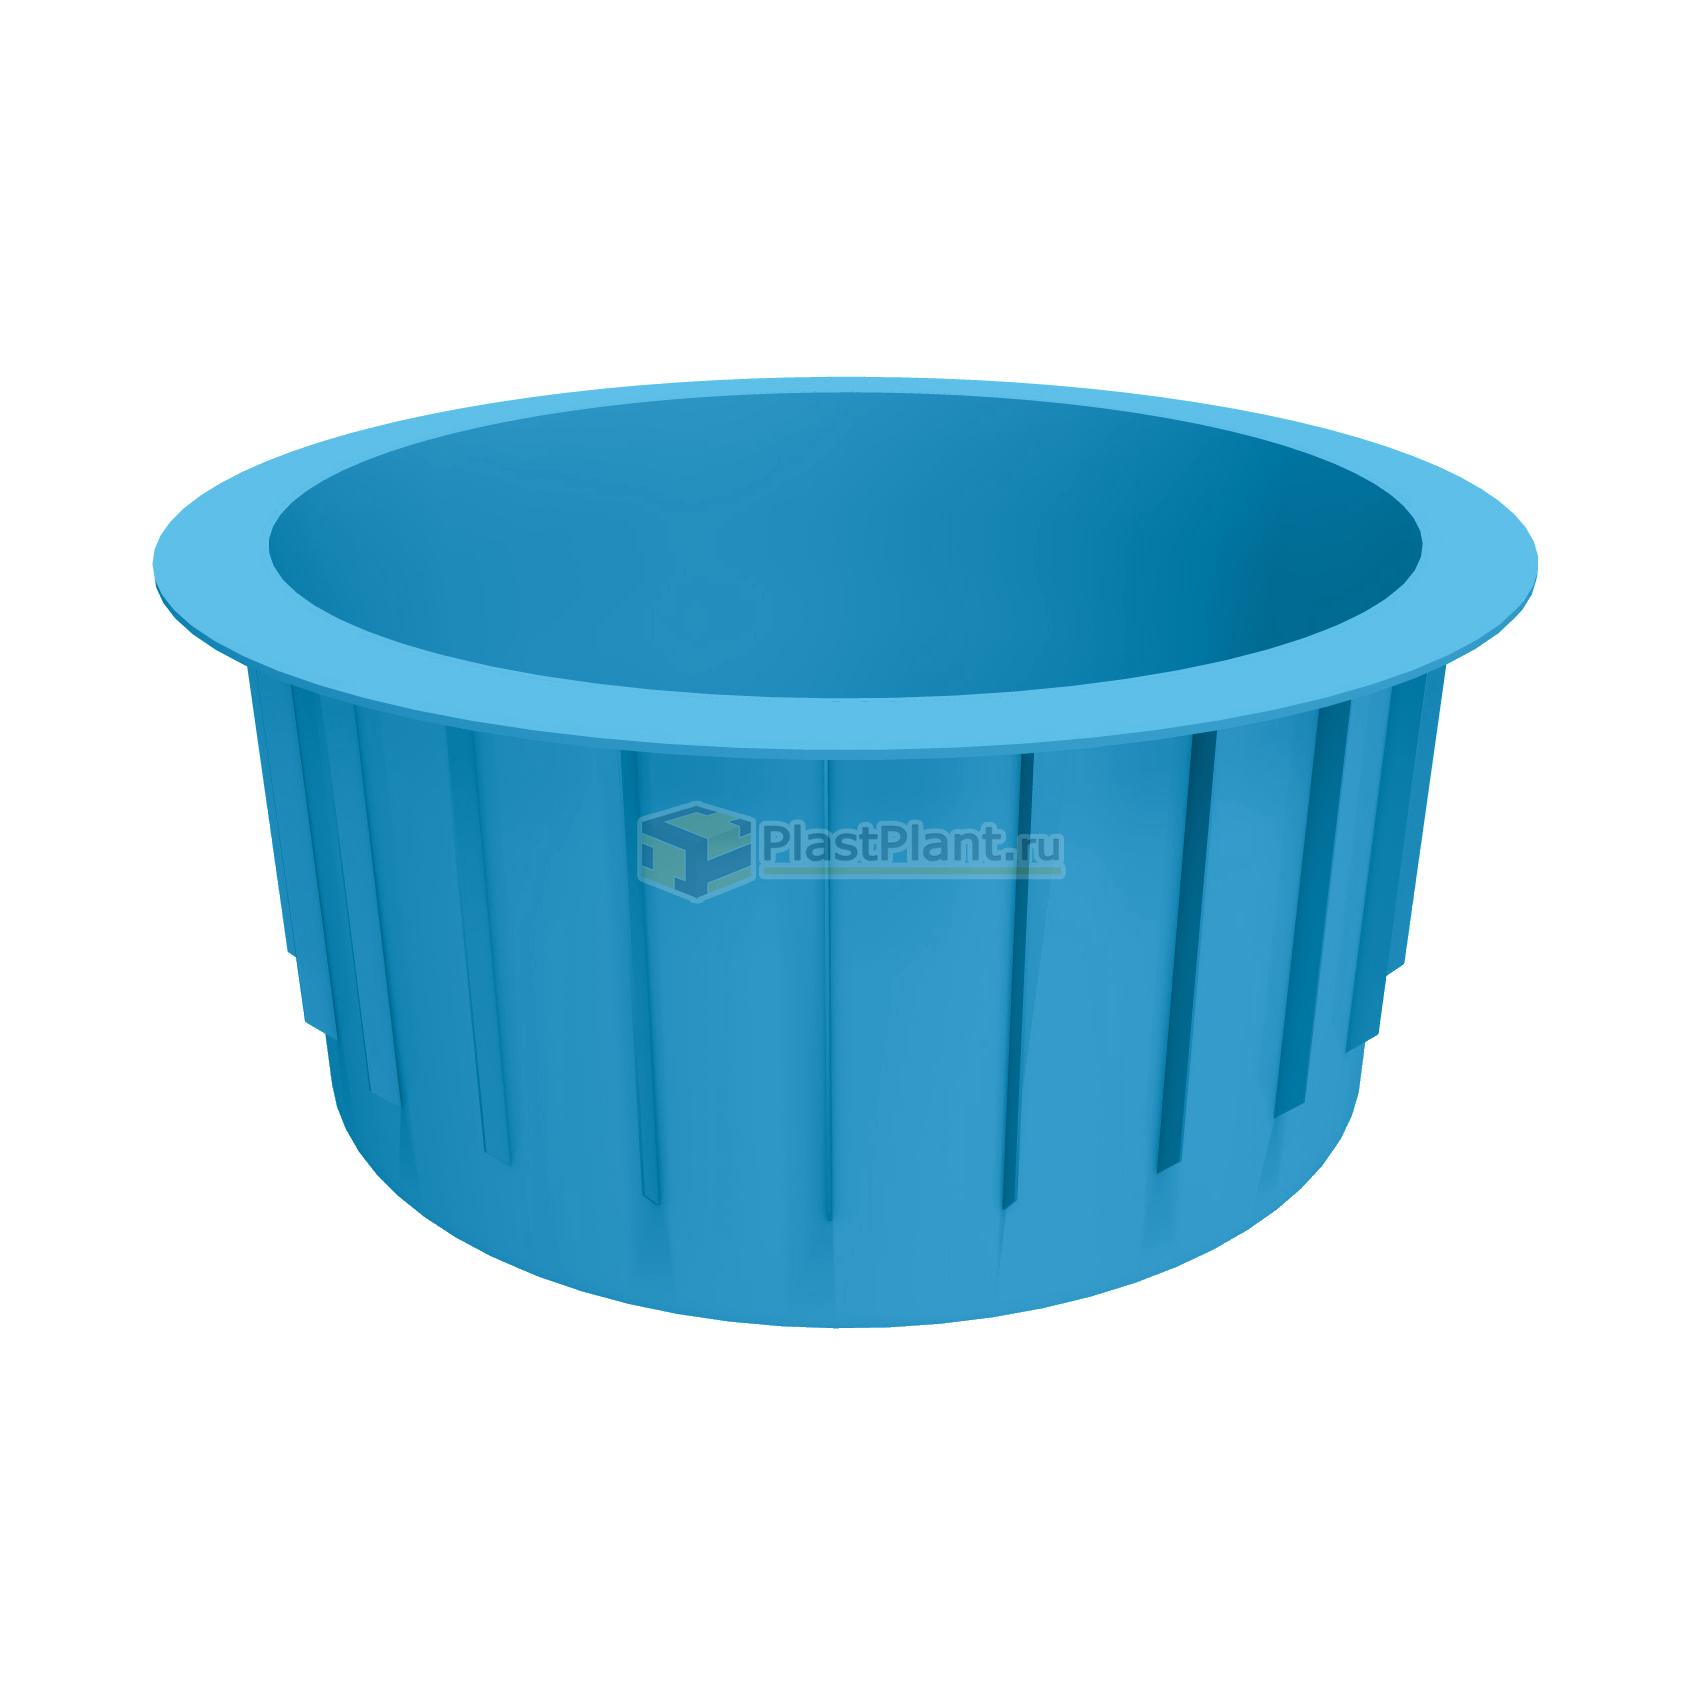 Купель круглая 2000x1500 полипропиленовая - купить в ПластПлэнт